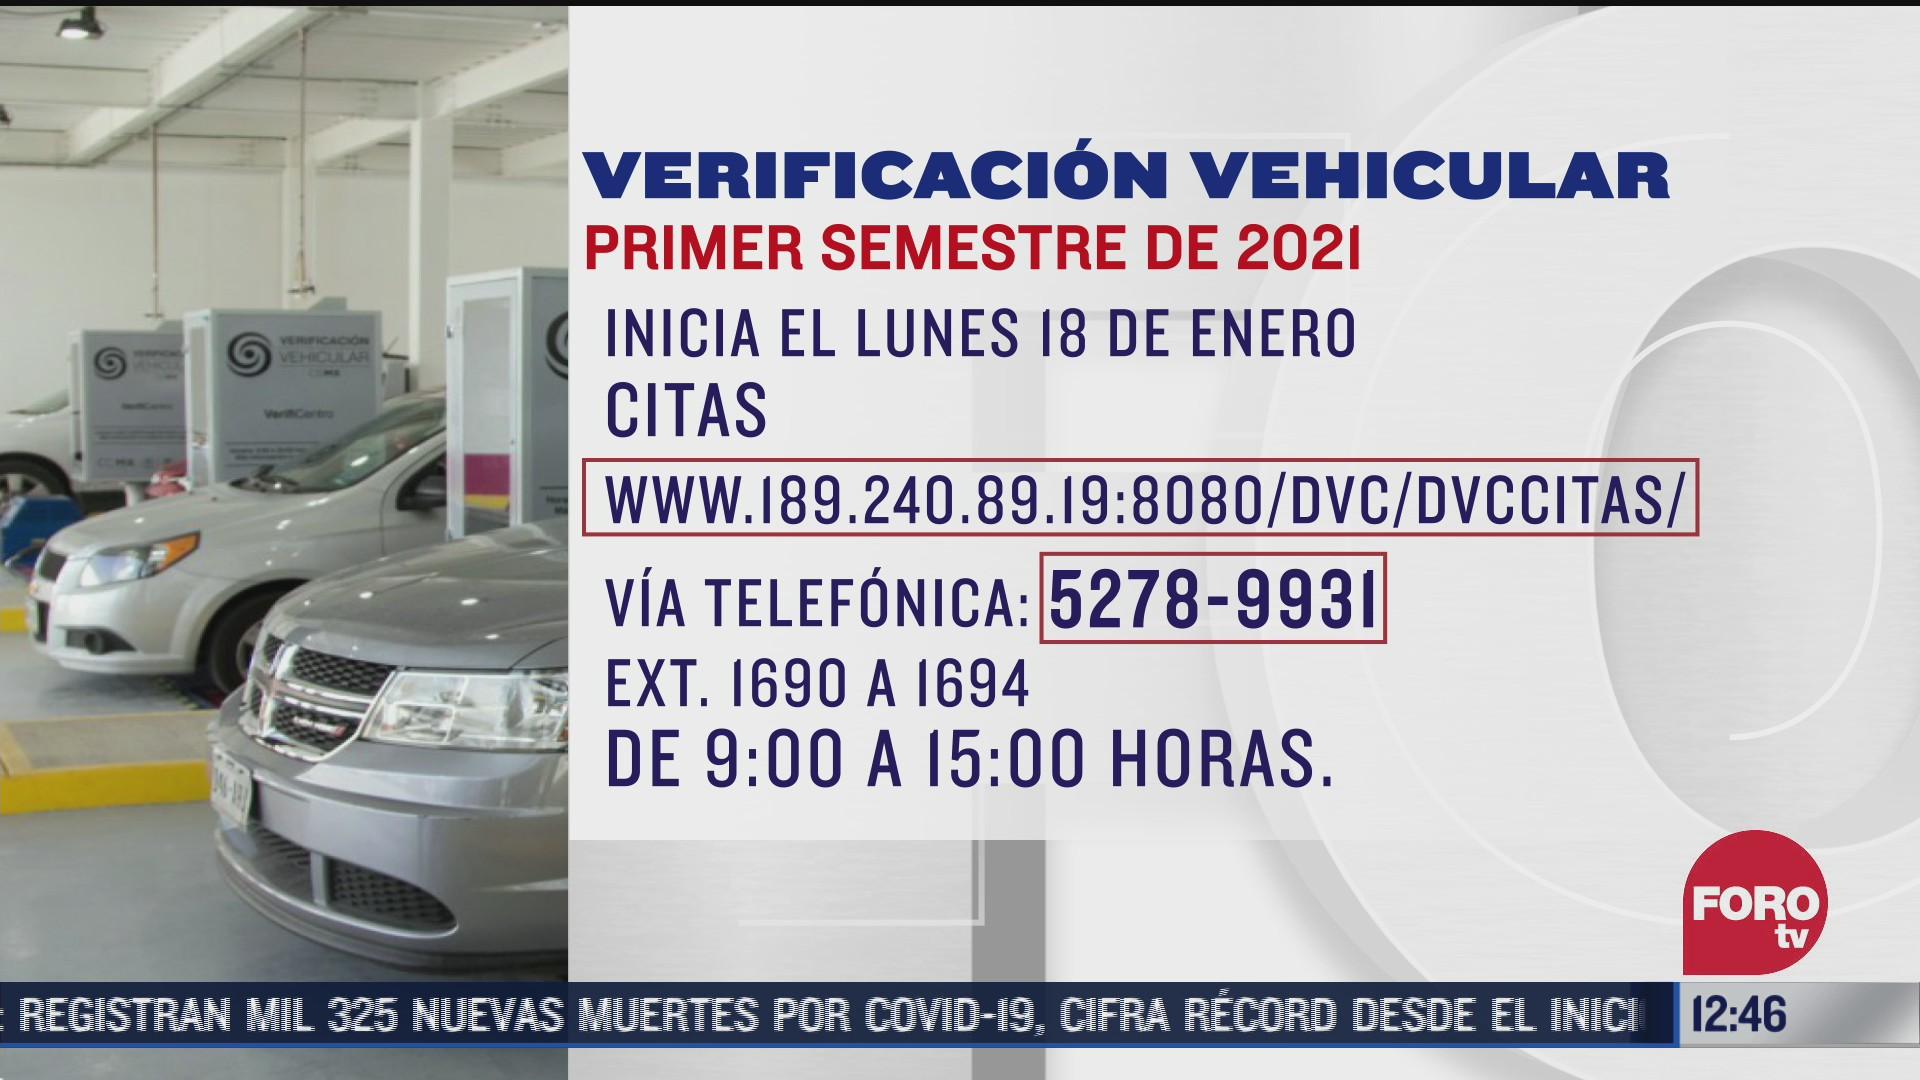 habilitan citas para la verificacion vehicular en la cdmx